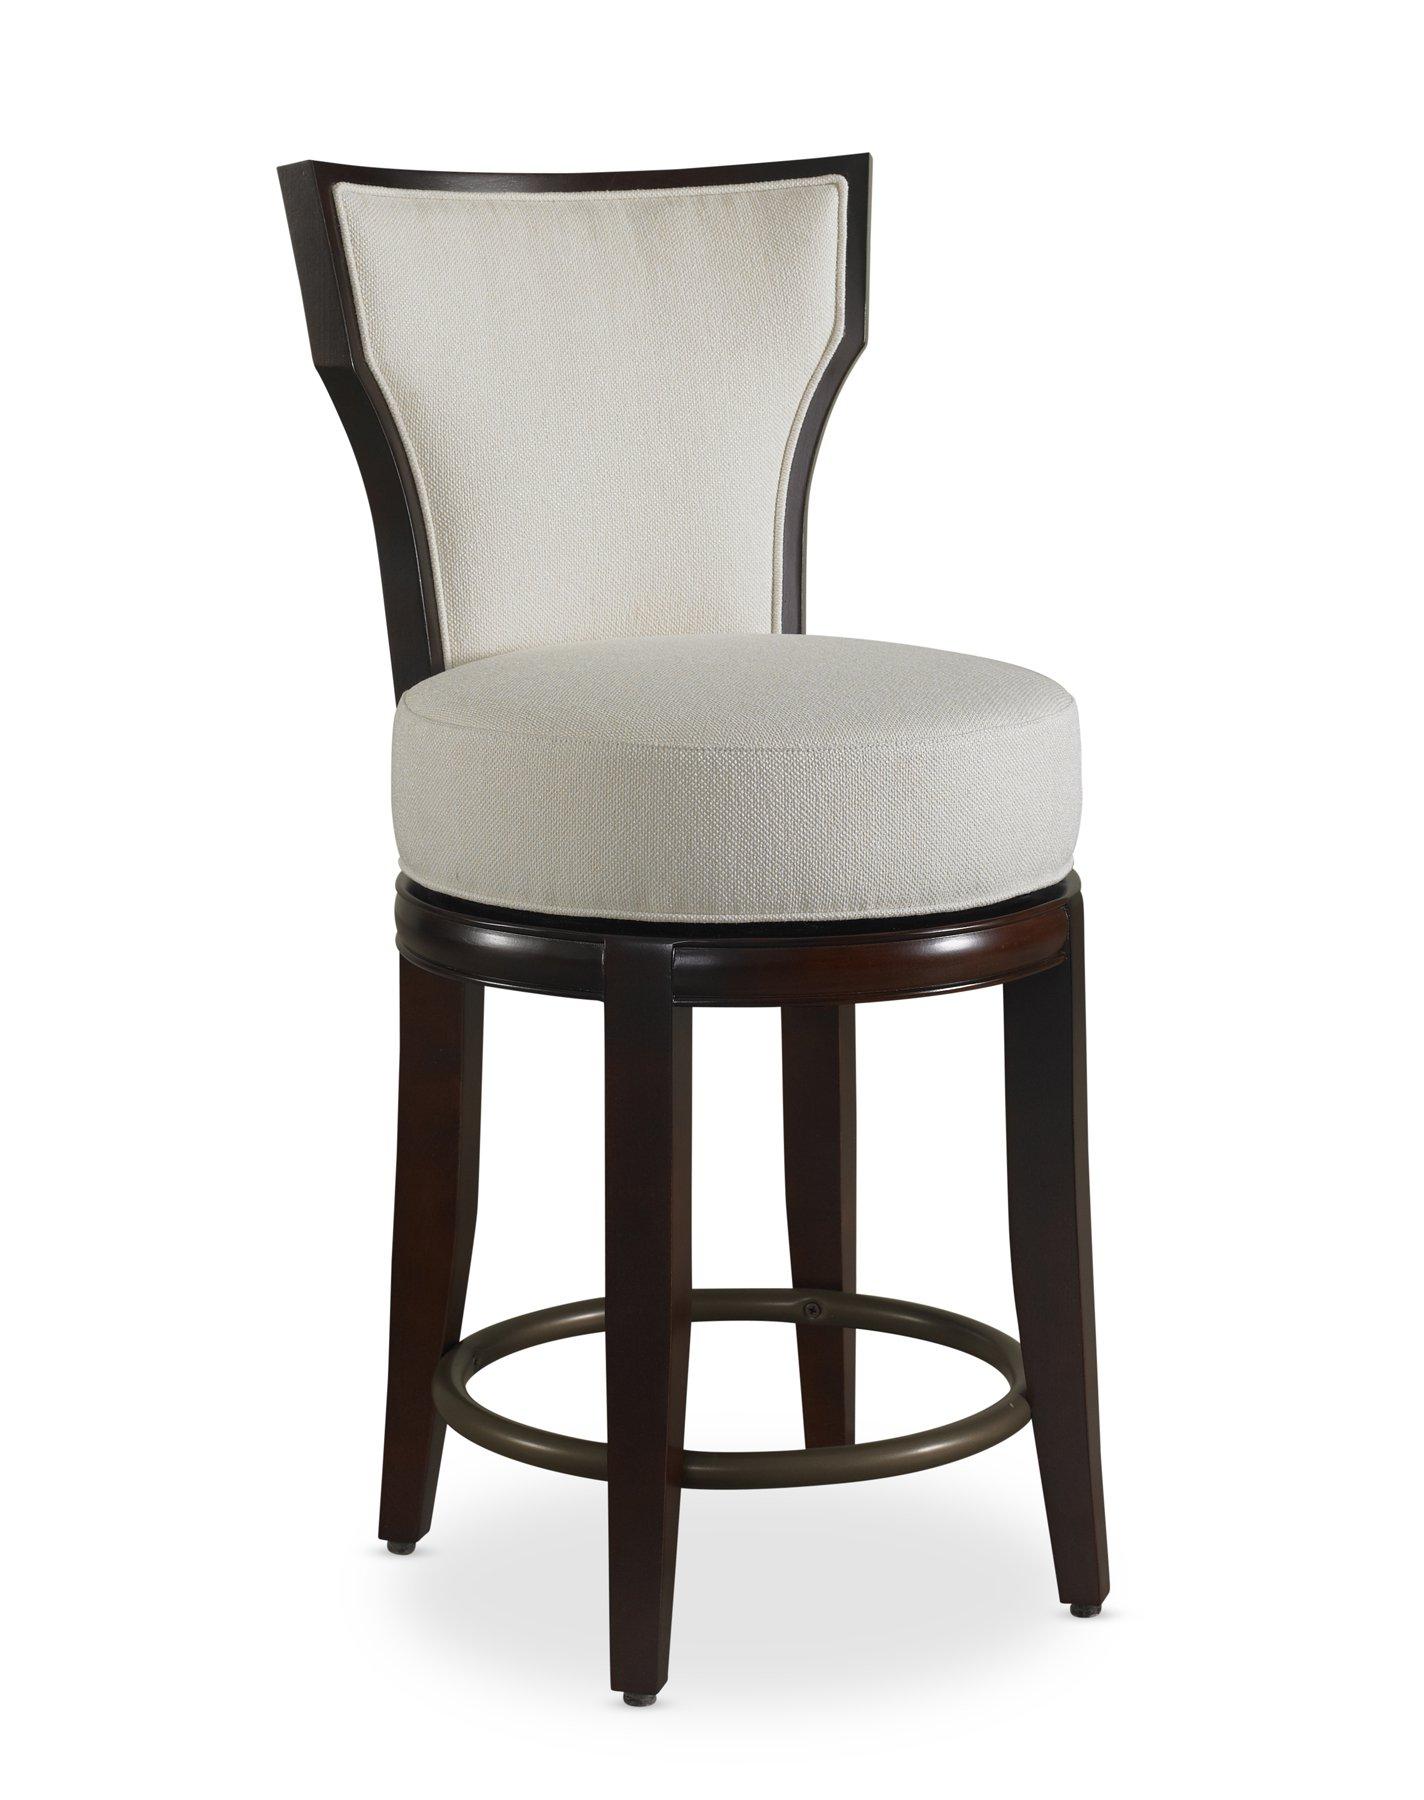 Marvelous Brockton Counter Height Dining Stool Designmaster Furniture Inzonedesignstudio Interior Chair Design Inzonedesignstudiocom